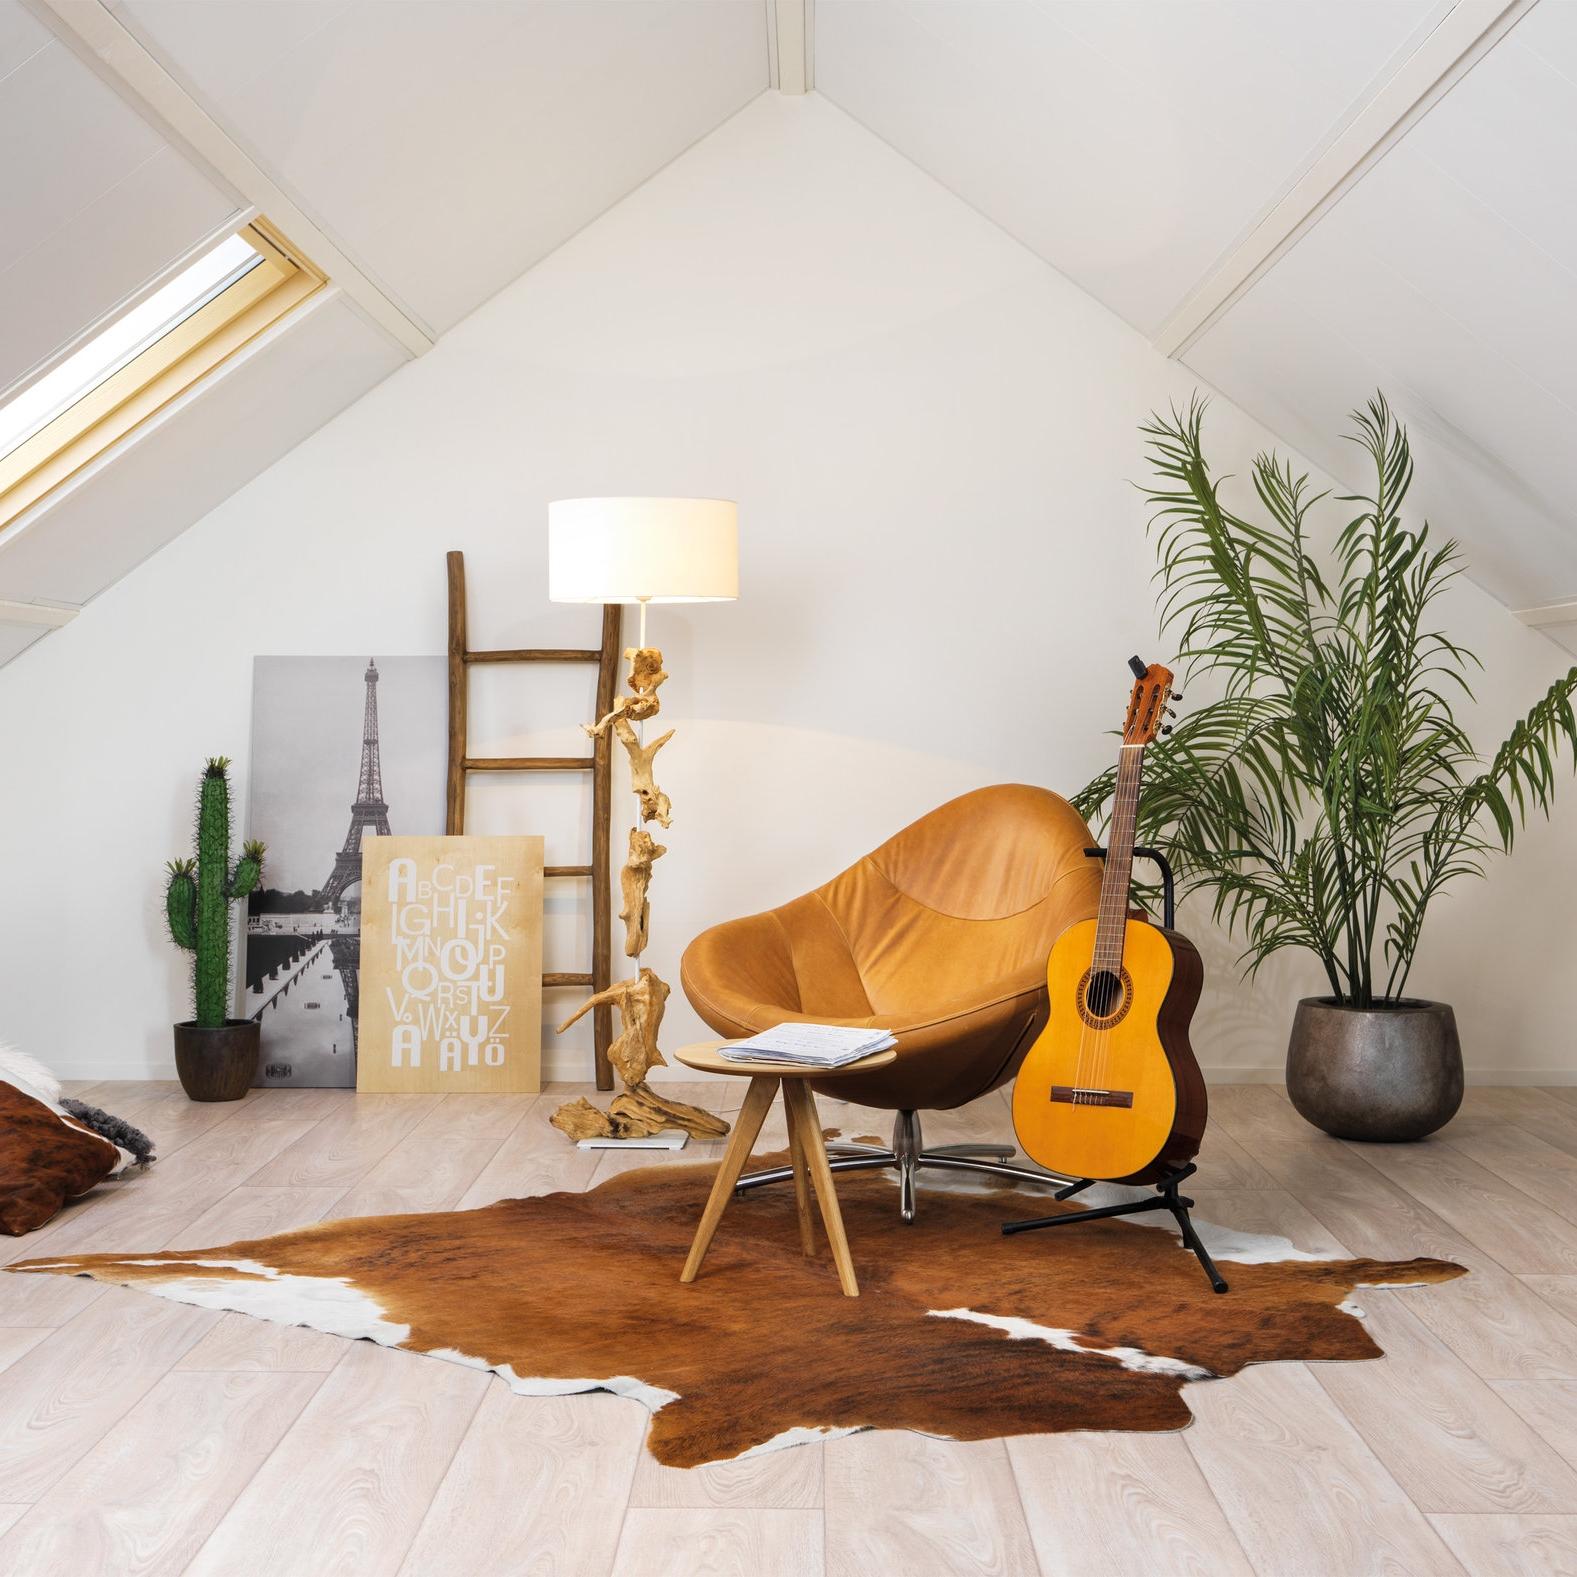 Amarillo - Ons voordeligste dakisolatiesysteem. U krijgt een goede isolatie met een mooie witte afwerking. Amarillo maakt van uw zolder een overzichtelijke en lichte ruimte.